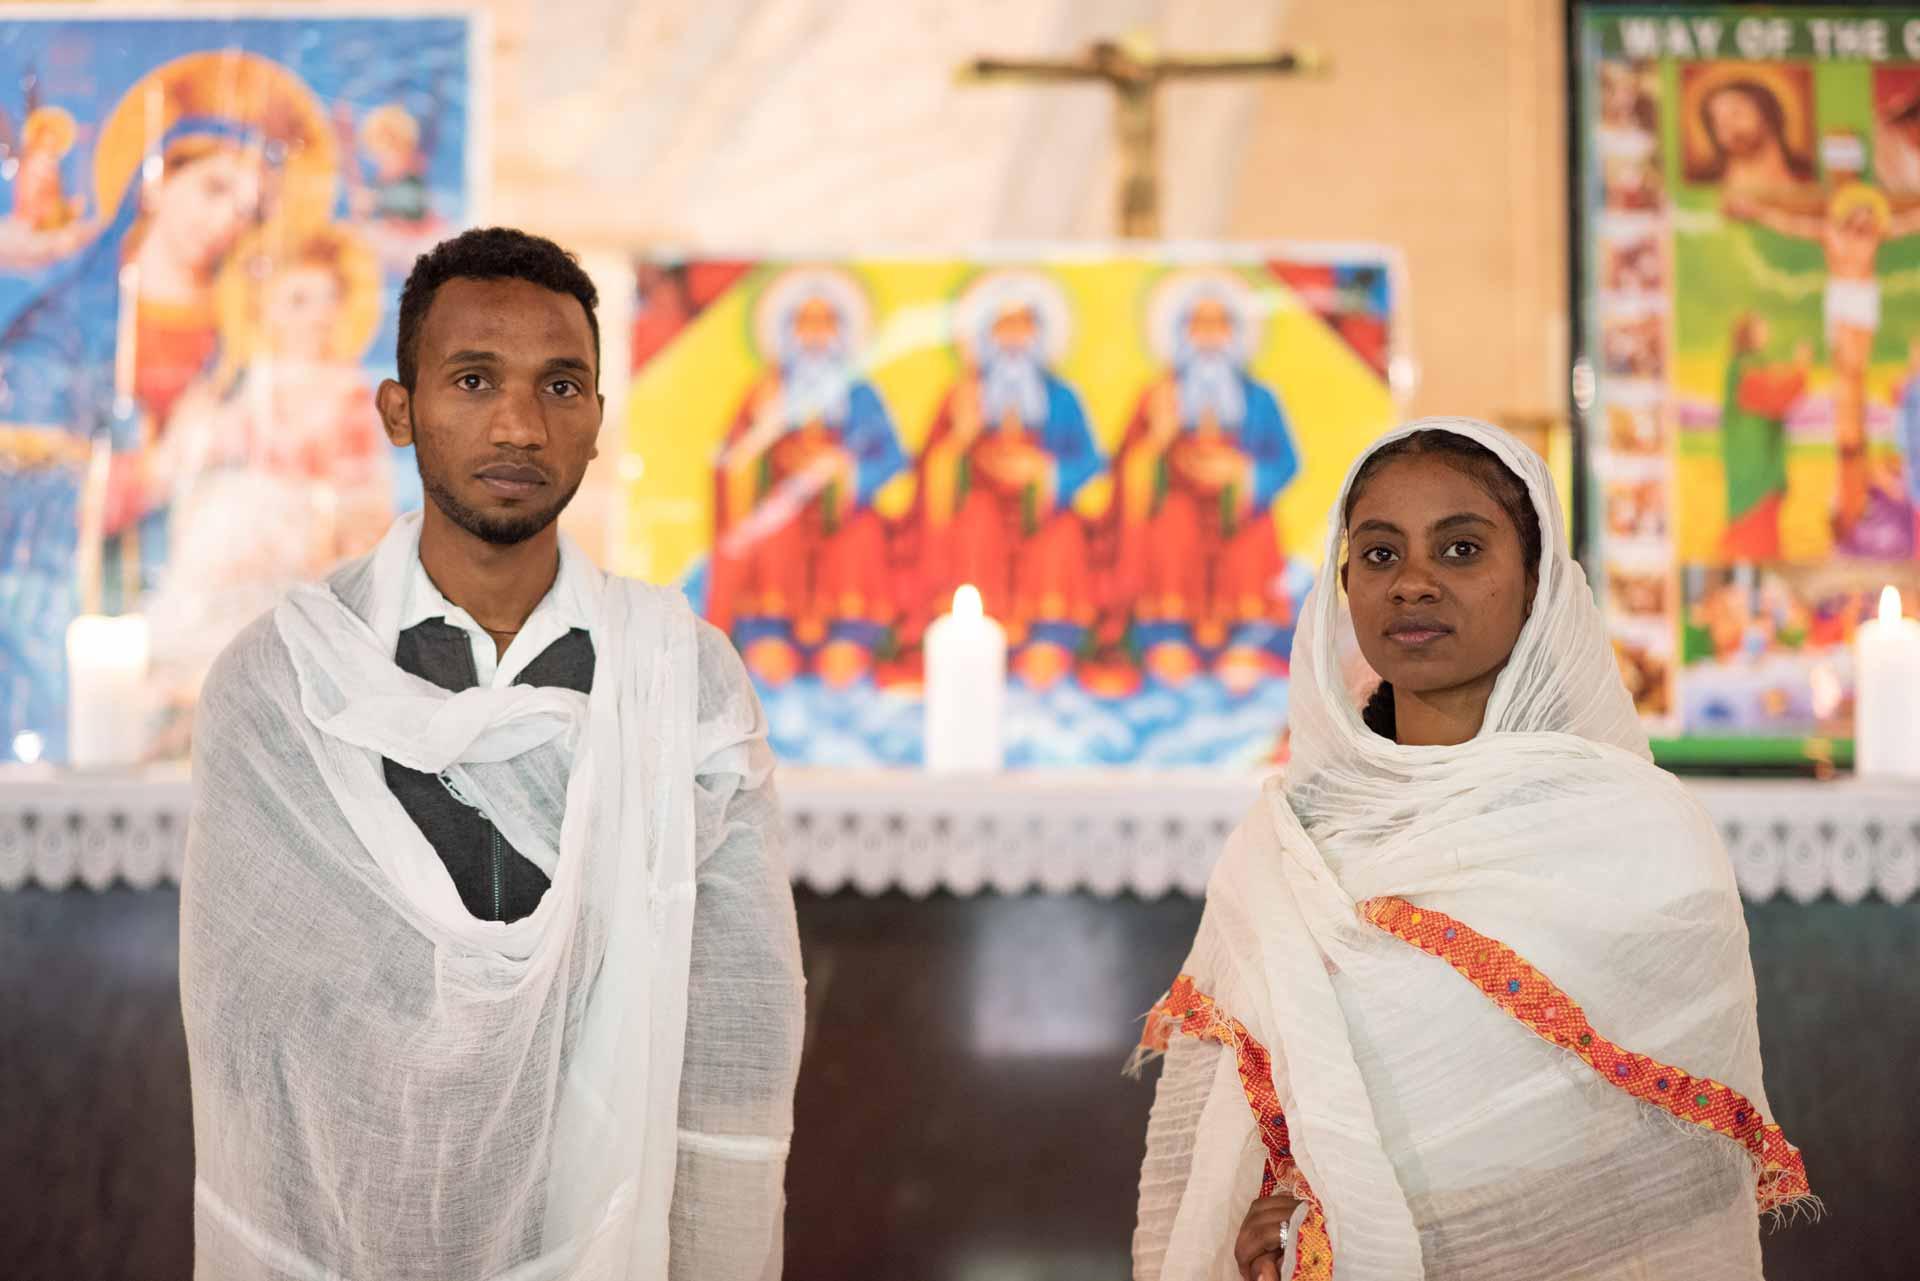 Religion und Integration: Die Gemeinschaft hilft, Fuss zu fassen